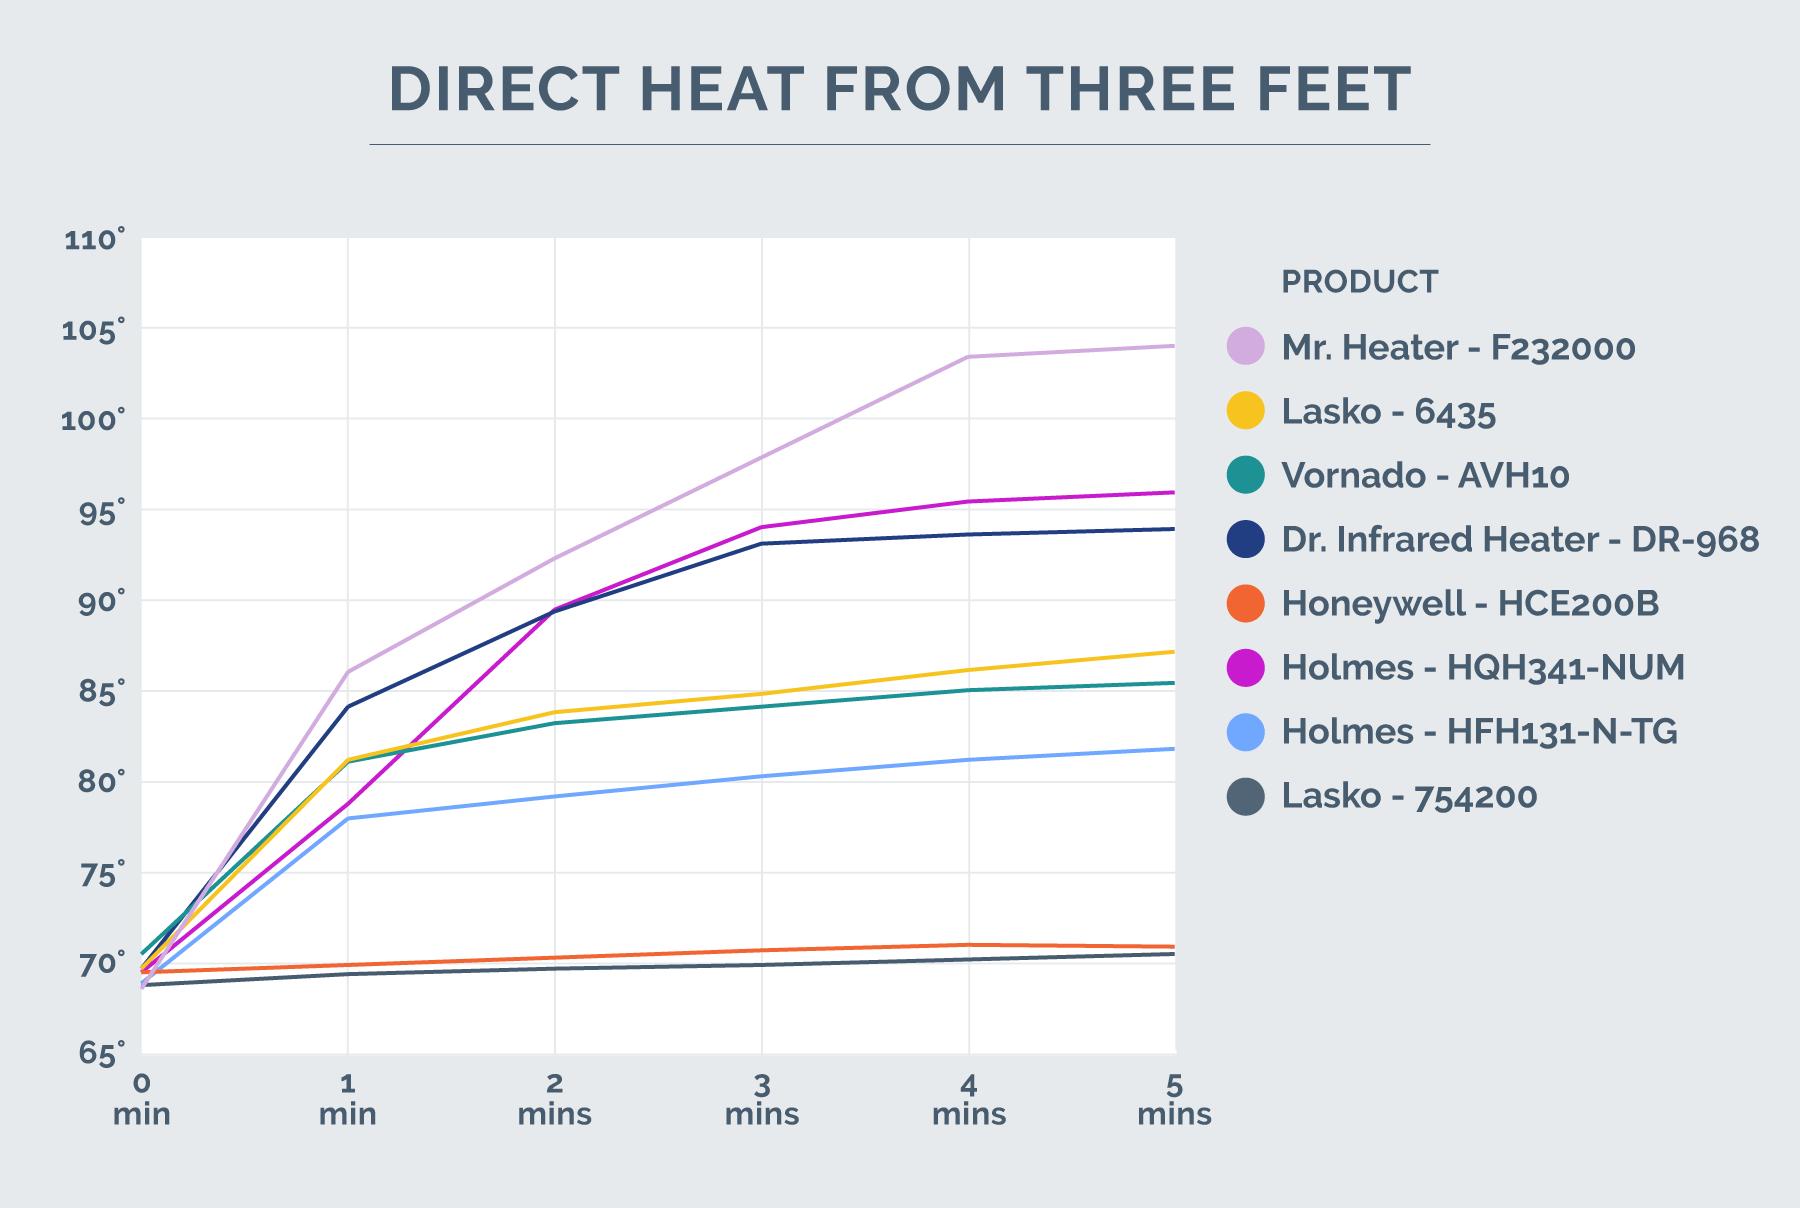 hight resolution of direct heat chart 3 feet away